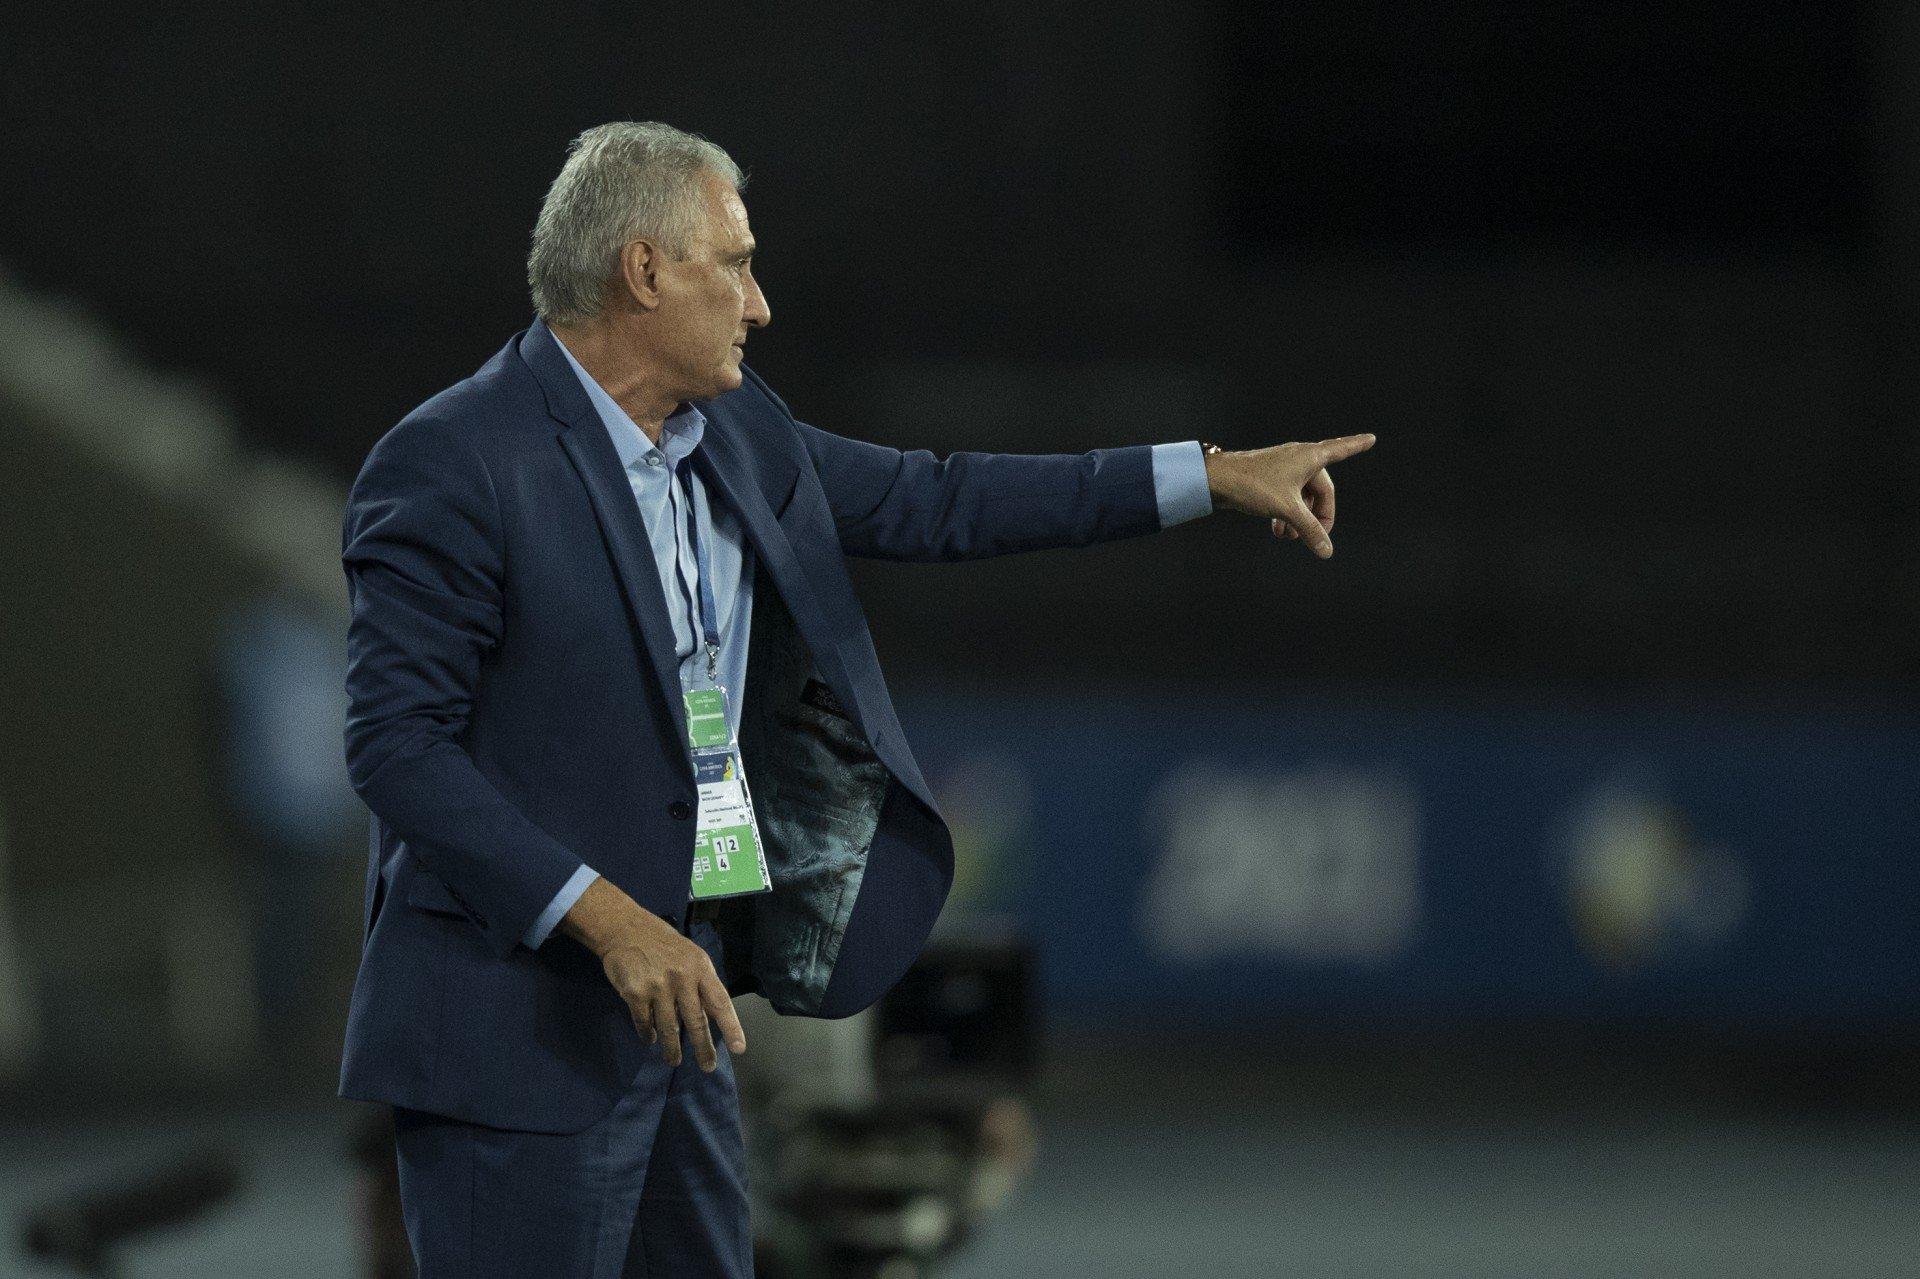 Após suspensão de Marquinhos, Tite convoca zagueiro de clube da Série A para a Seleção